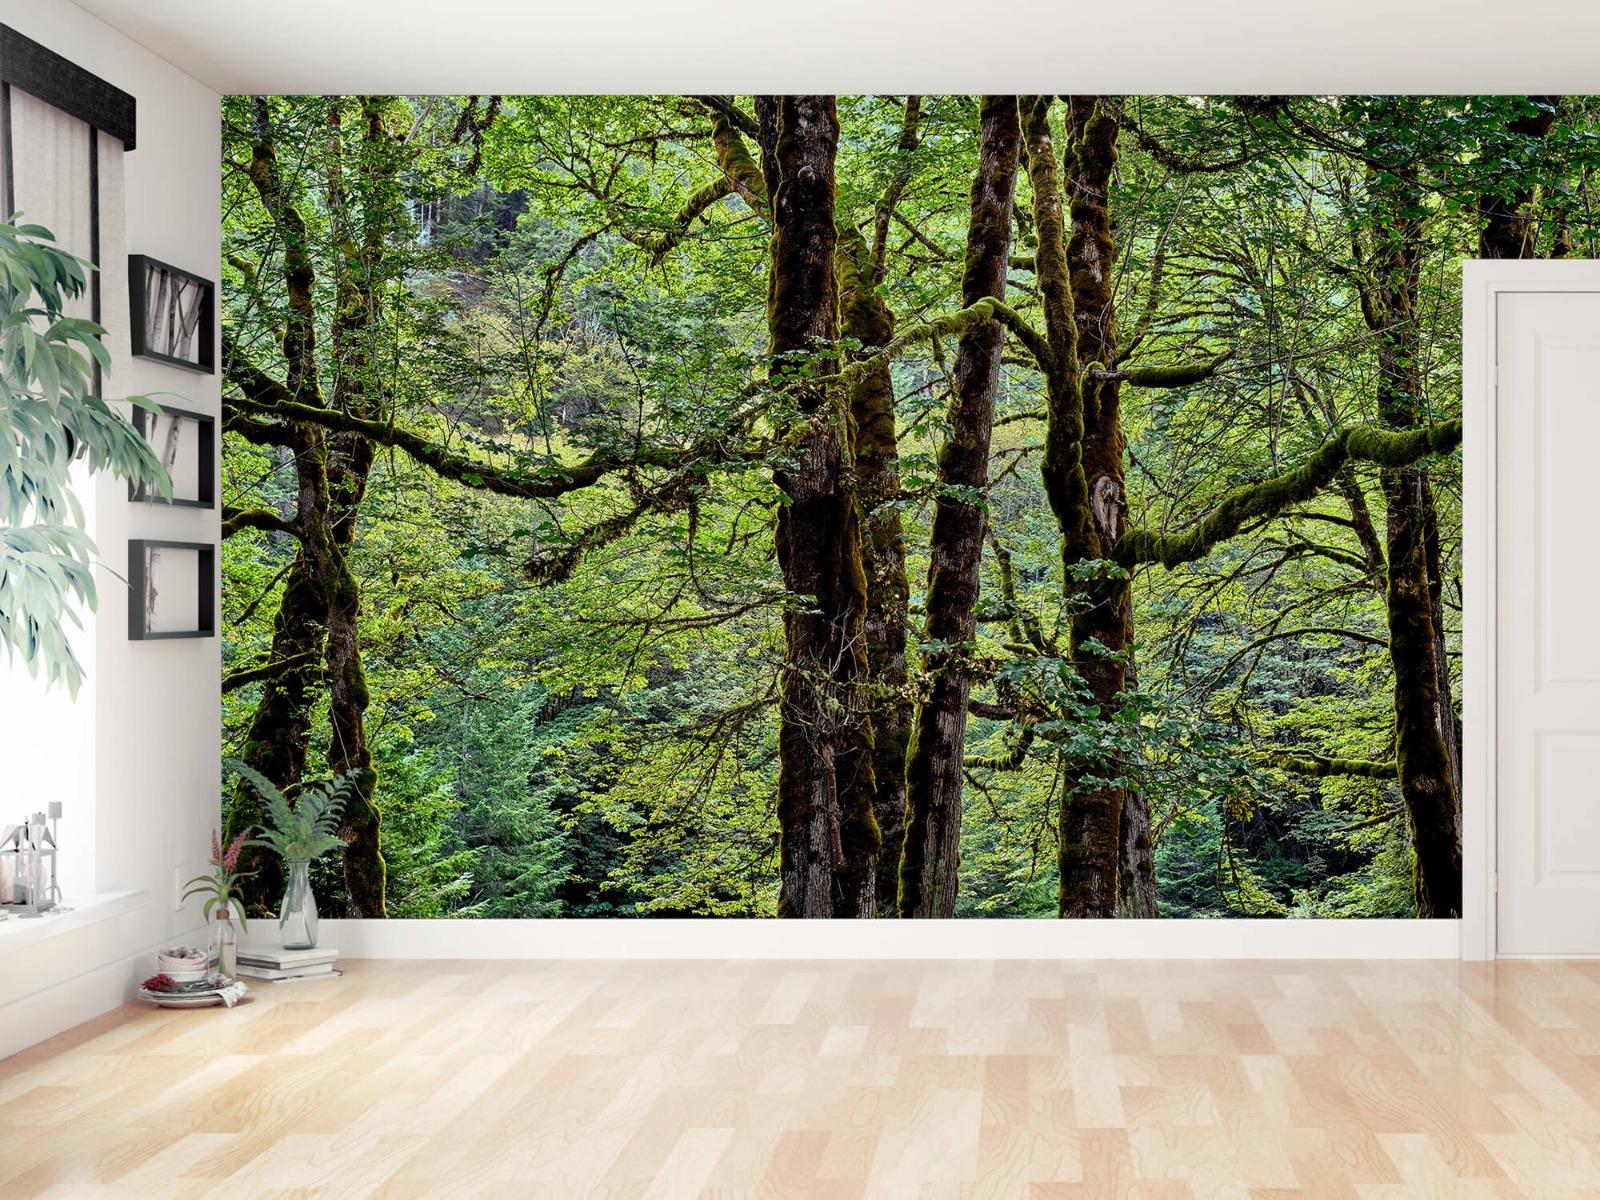 Bomen - Bomen met mos - Wallexclusive - Slaapkamer 13